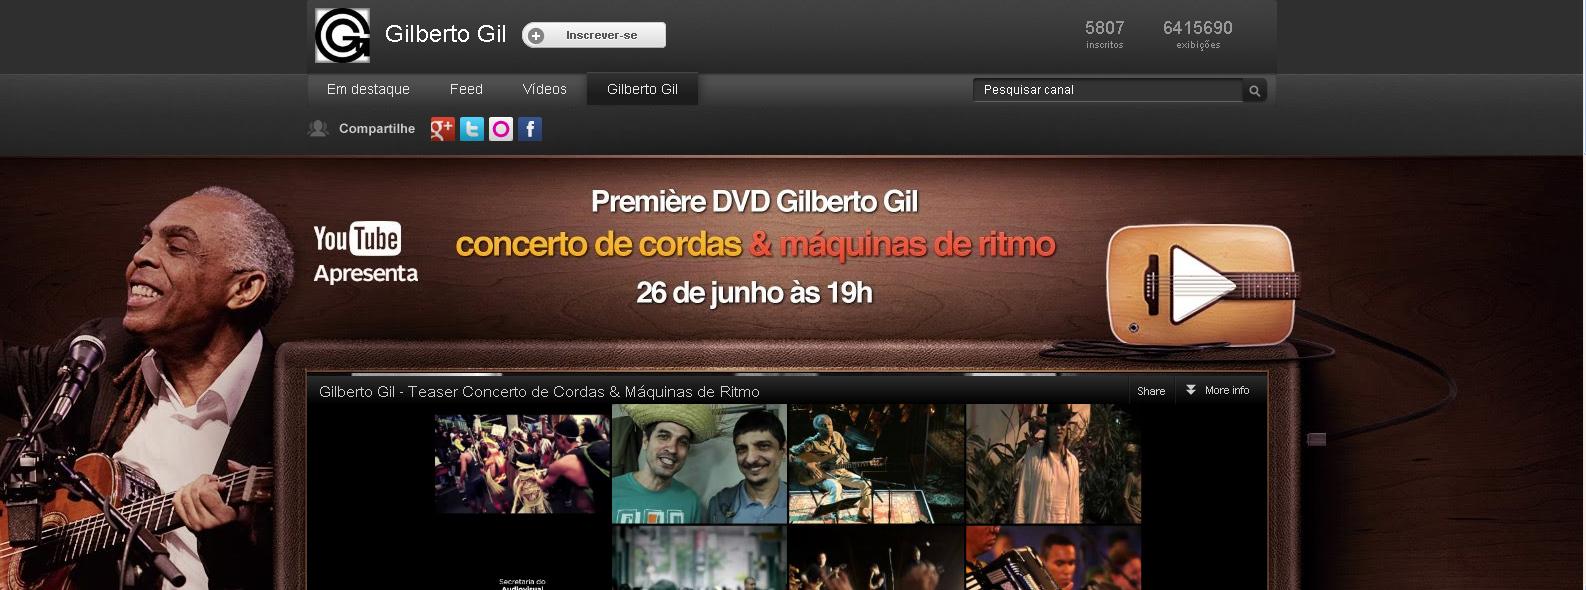 Canal oficial do Gilberto Gil no YouTube (Foto: Reprodução)